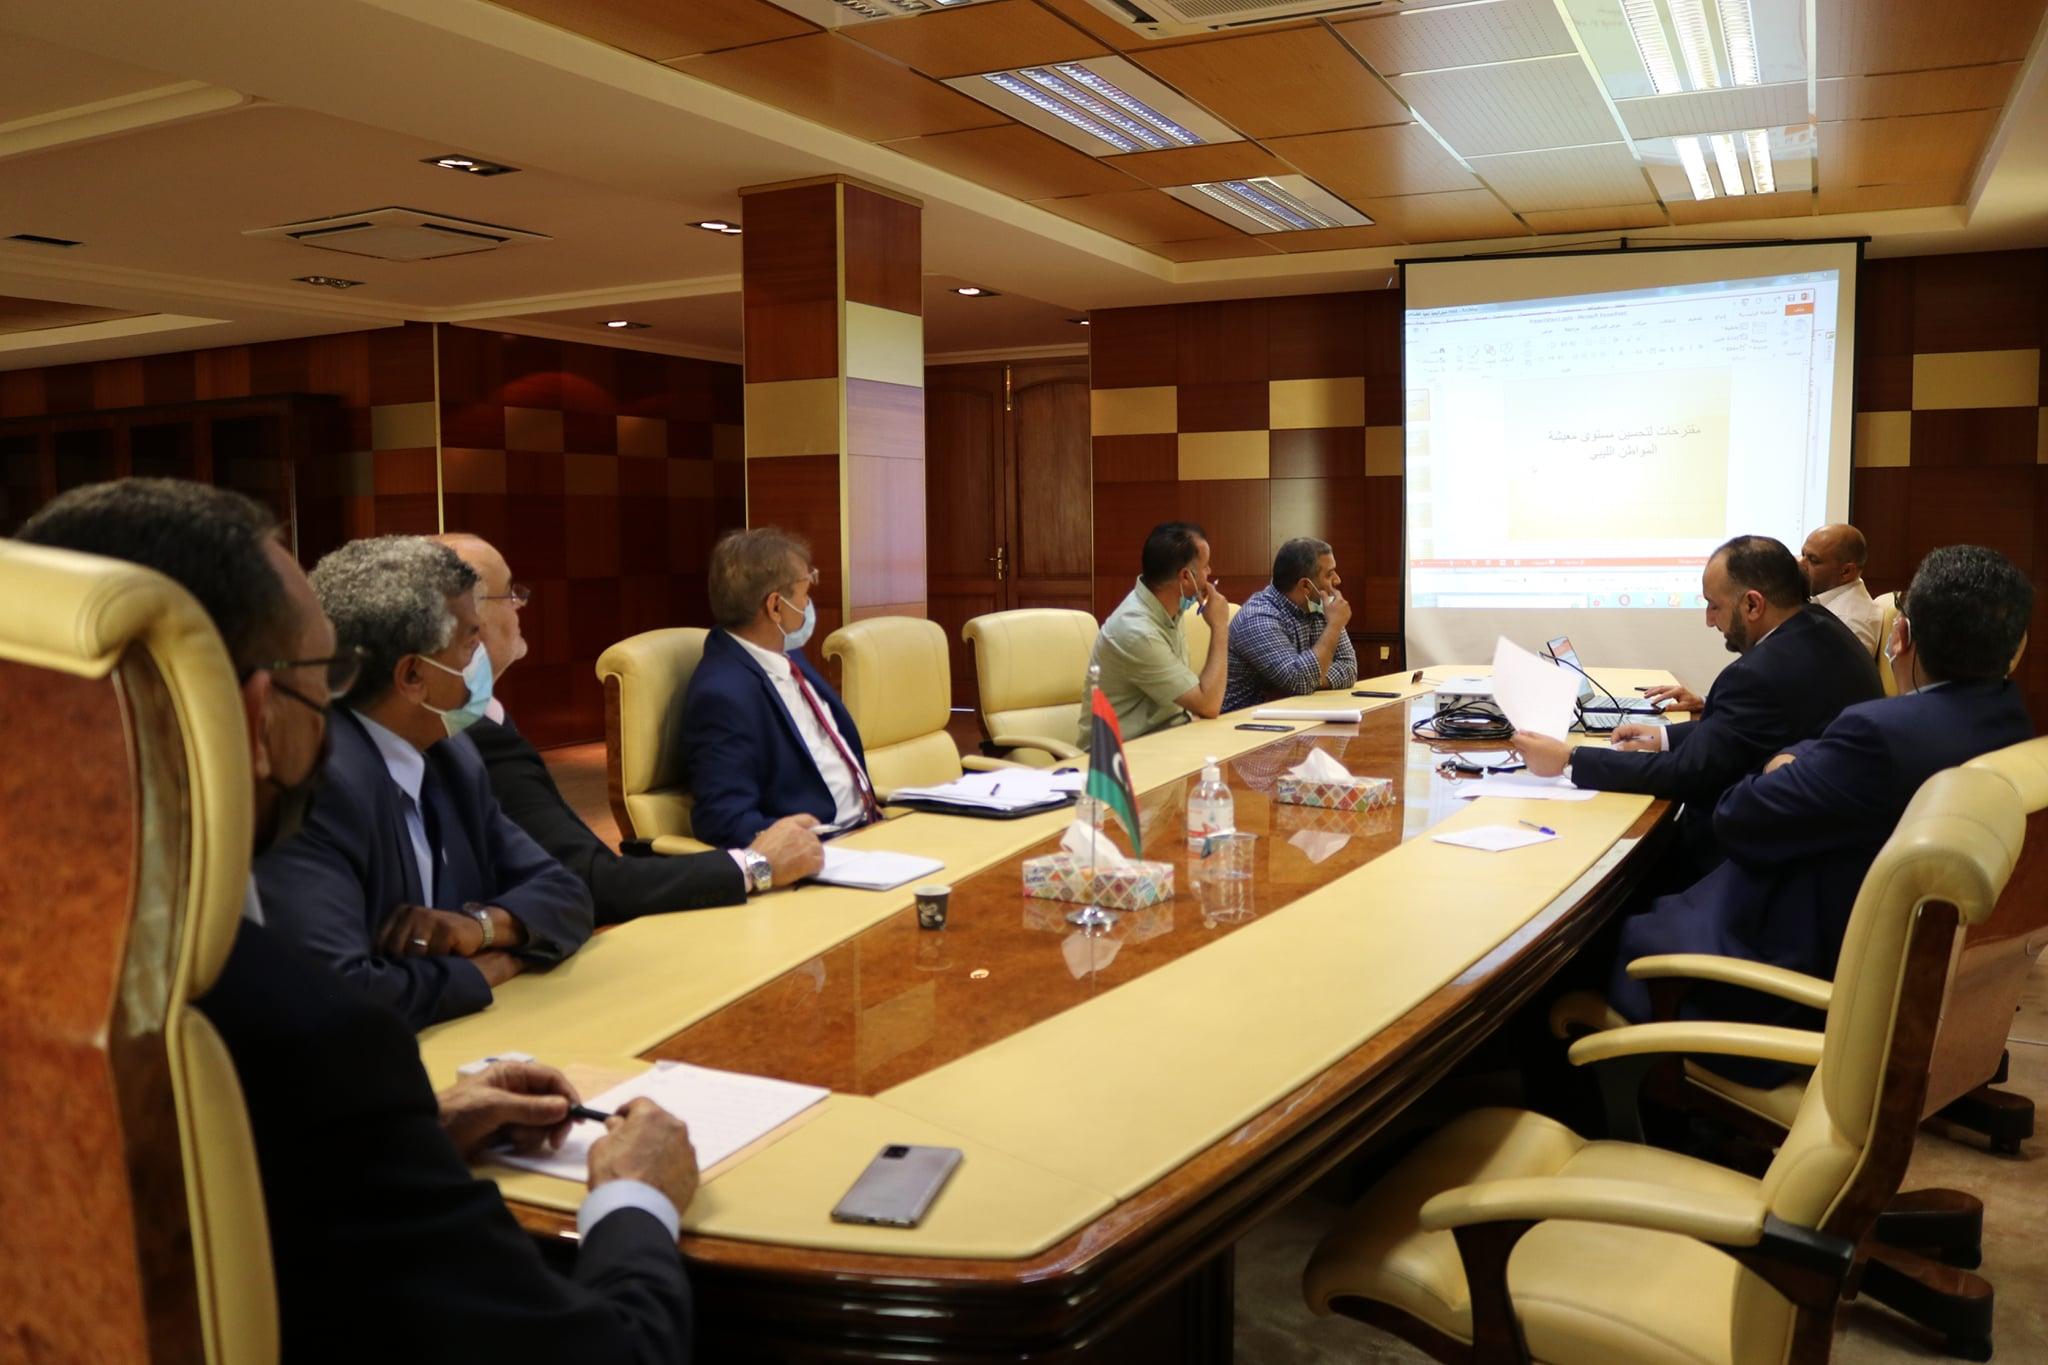 وزير الاقتصاد والتجارة محمد الحويج، مع عدد من الخبراء في مجالات الاقتصاد والاستثمار وأكاديميين بالجامعات الليبية